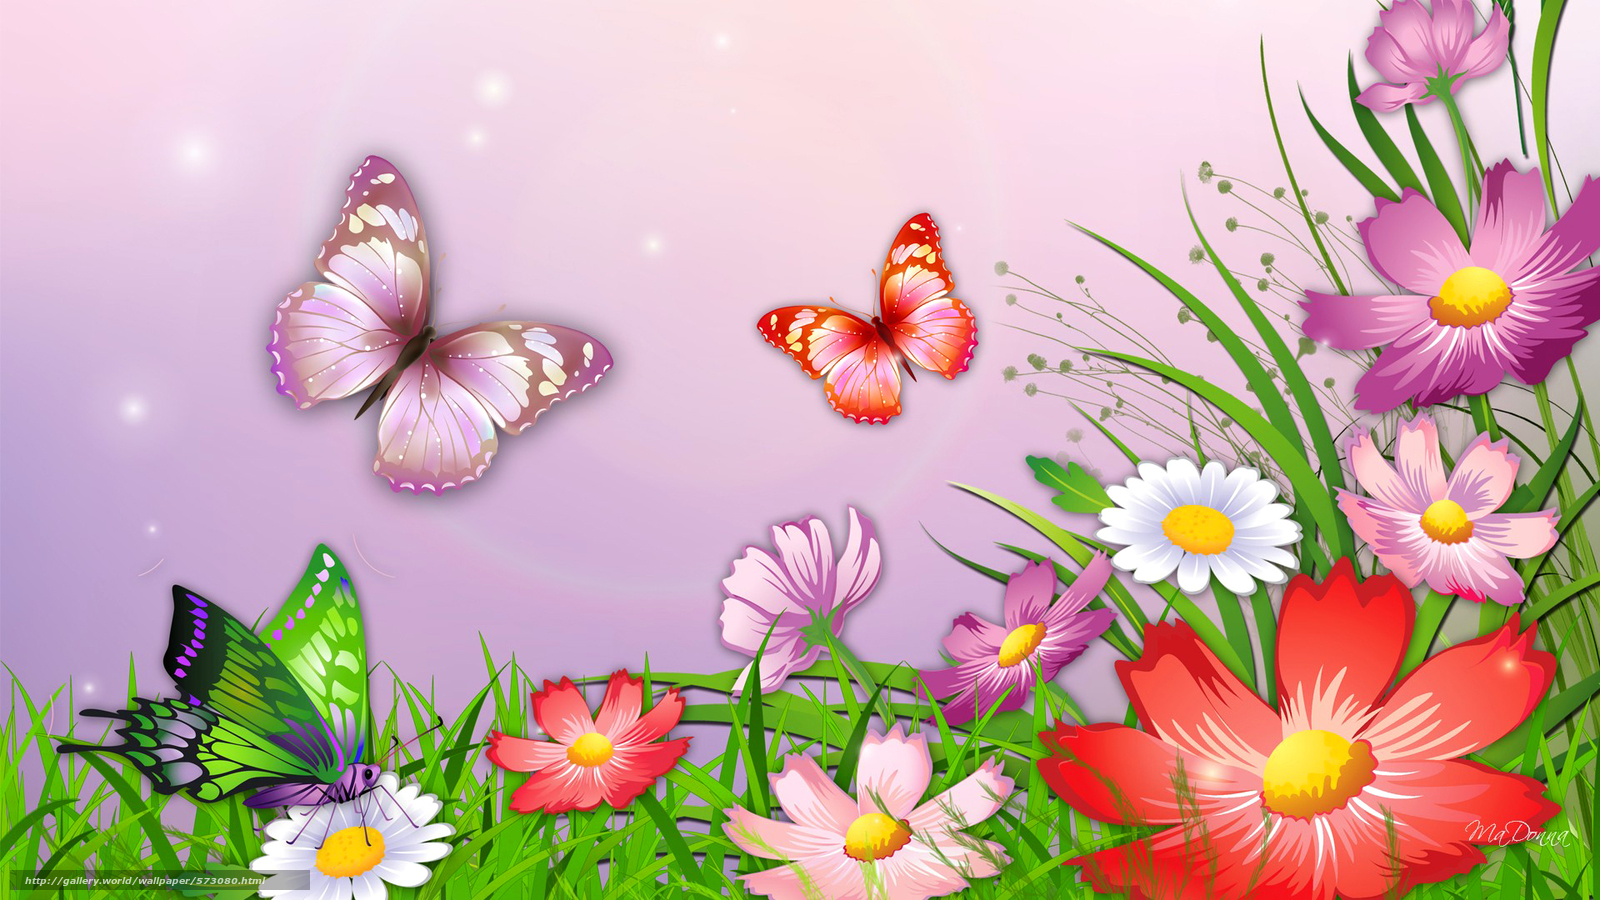 Scaricare gli sfondi natura erba fiori farfalle sfondi for Immagini farfalle per desktop